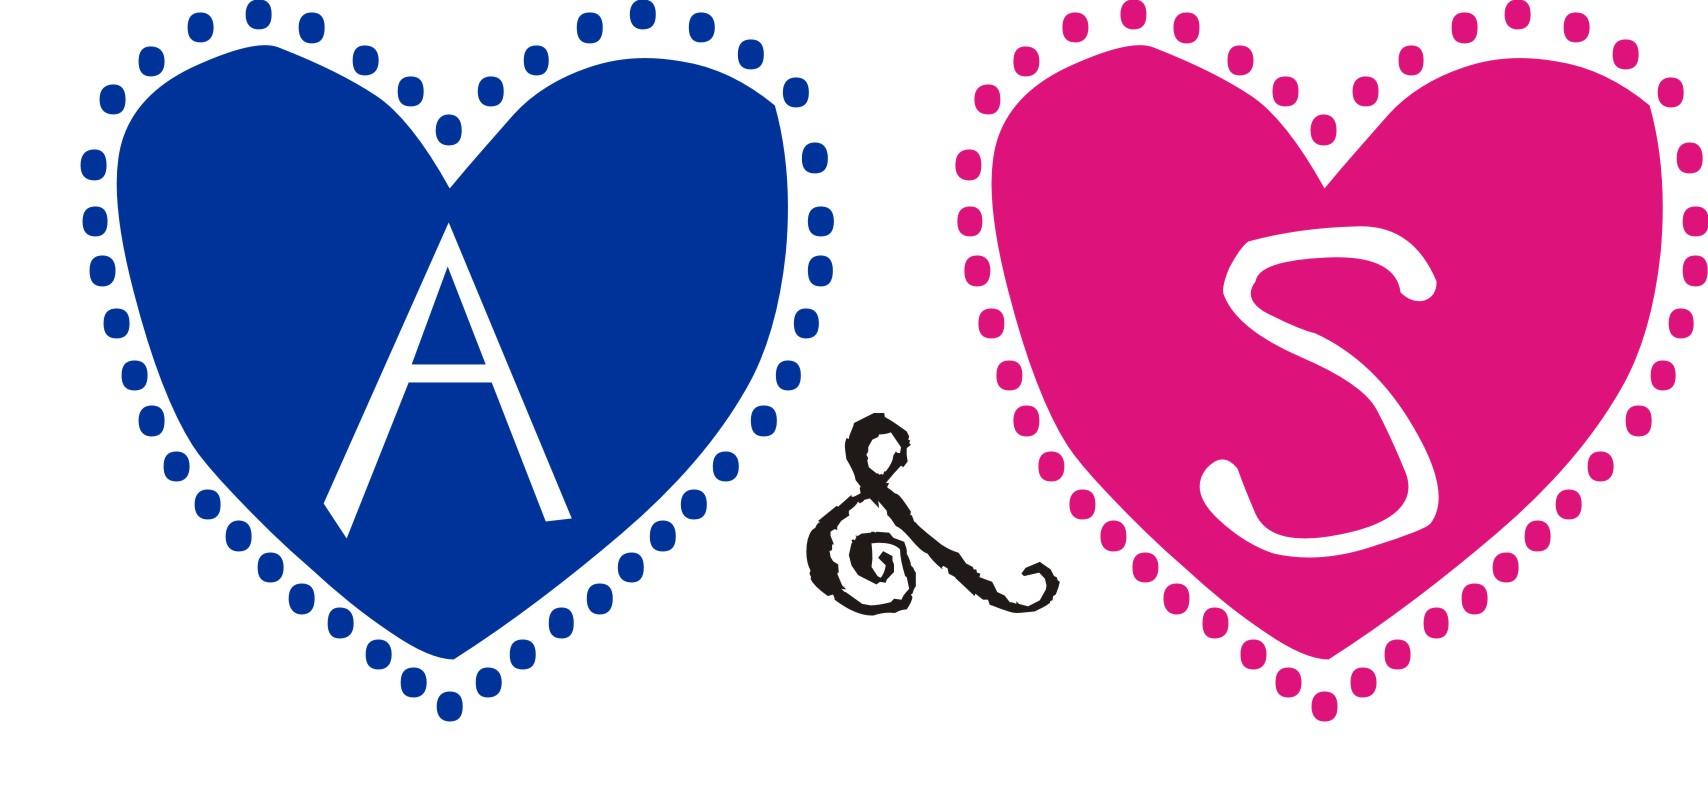 Логотип и вывеска для магазина детской одежды фото f_4c84fdee13d48.jpg